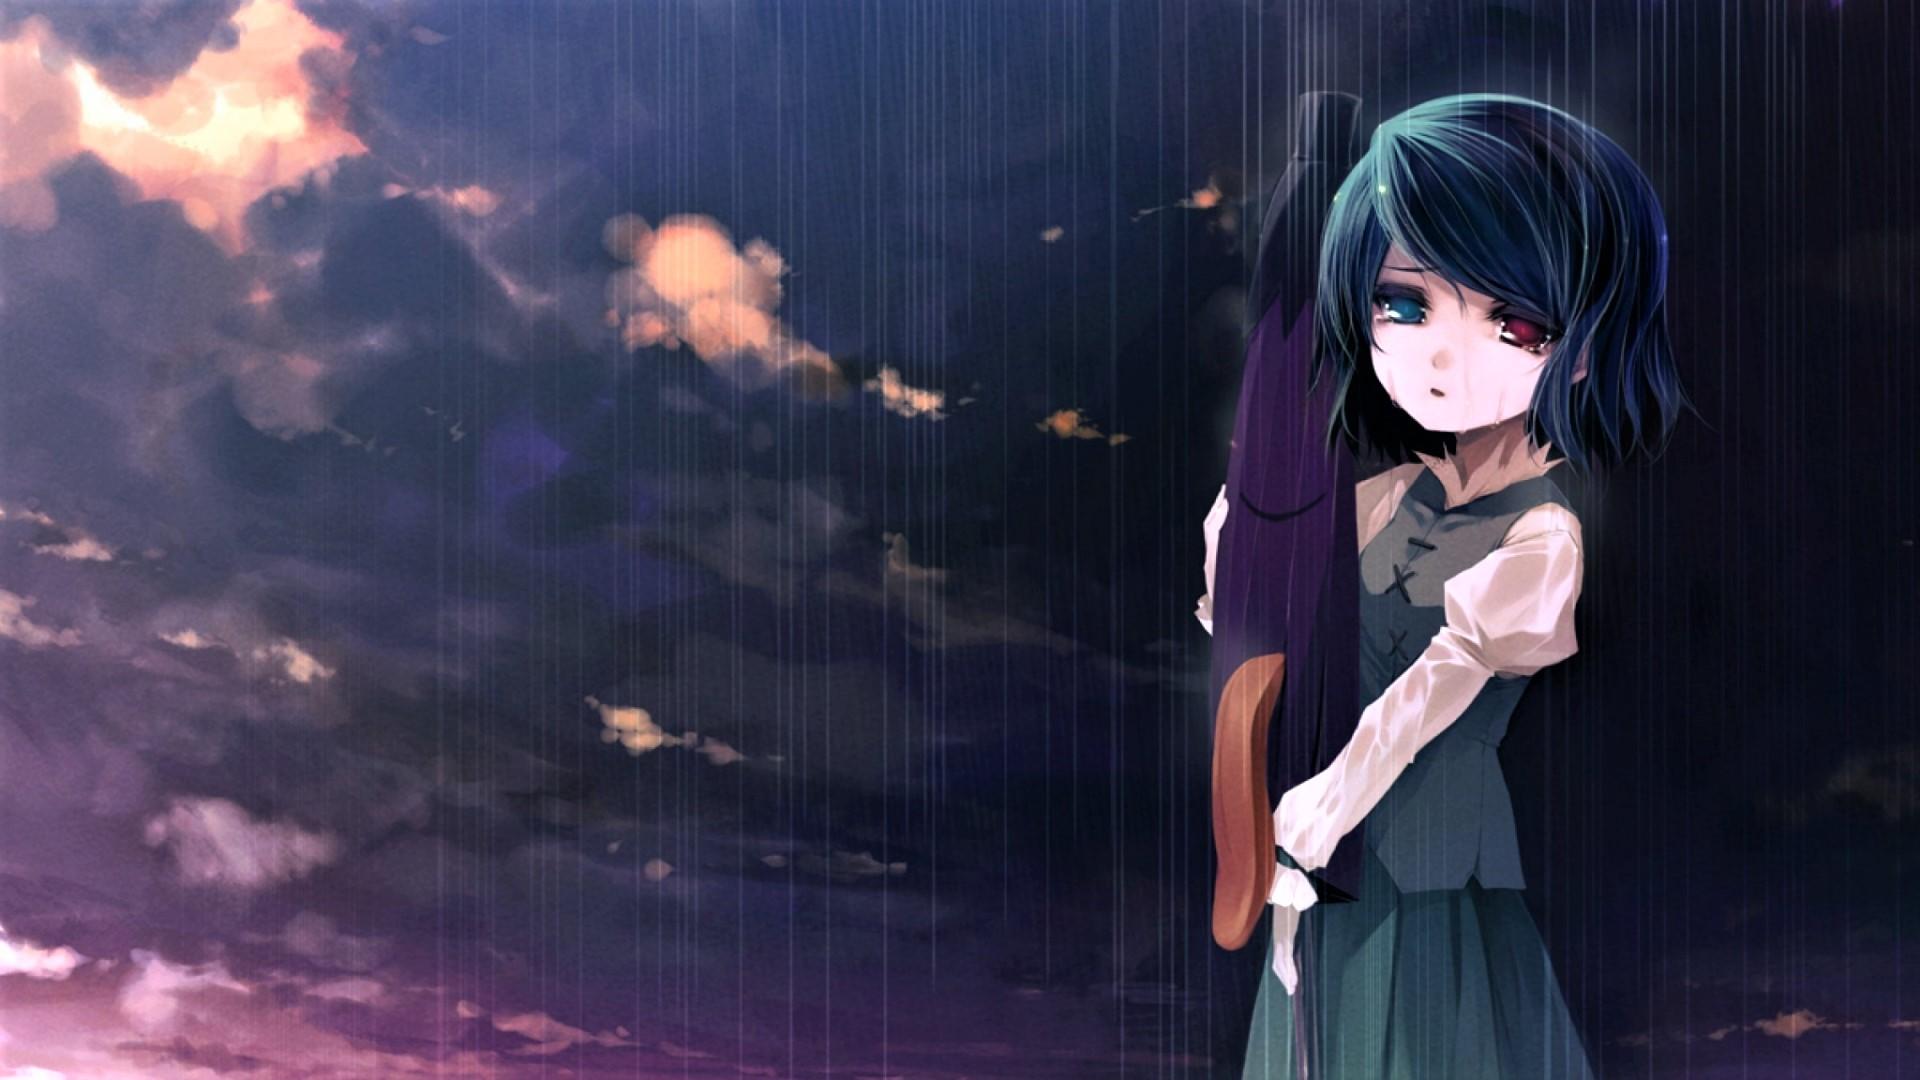 Tổng hợp hình ảnh Anime buồn, cô đơn